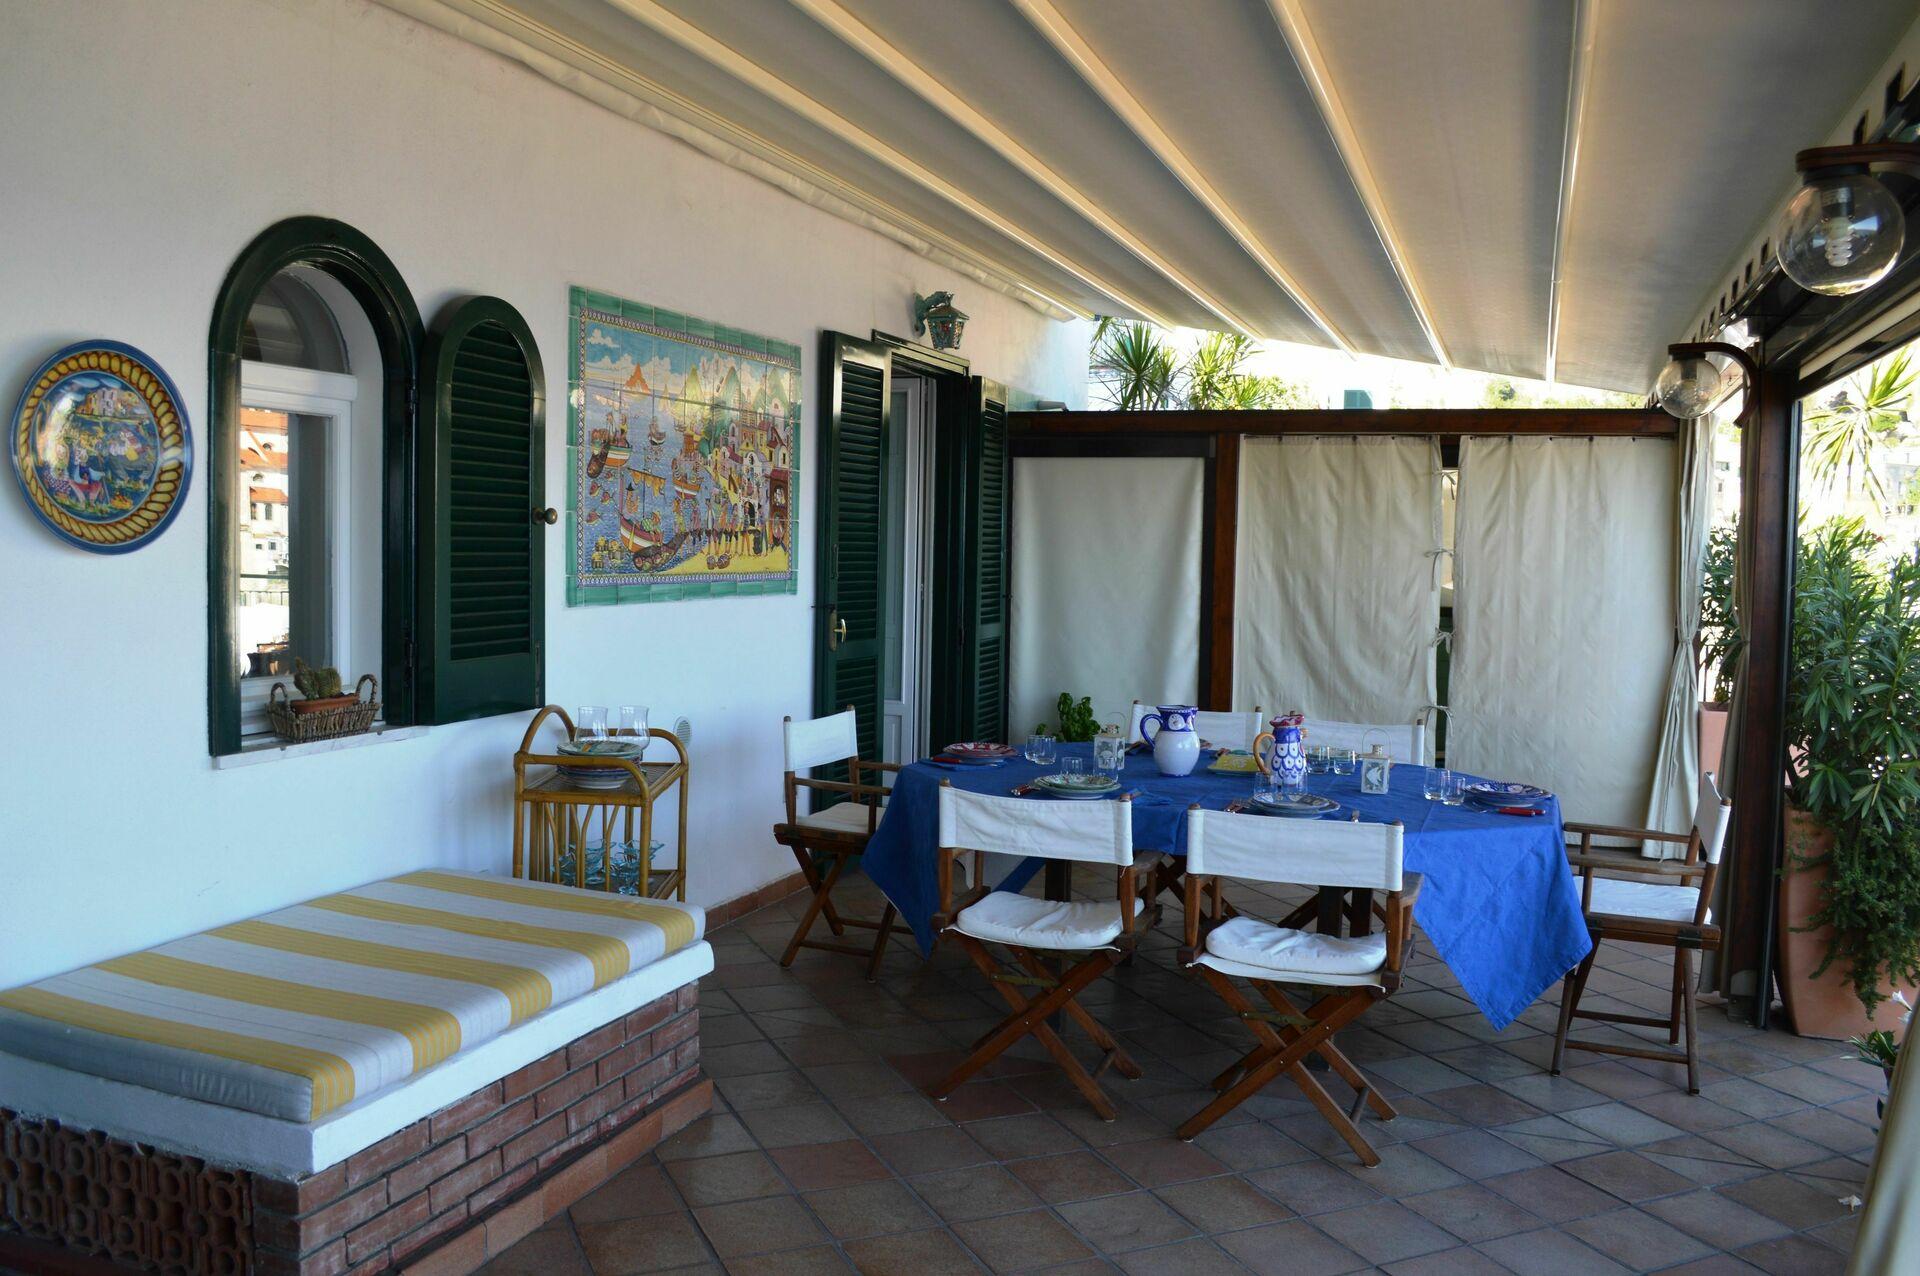 La terrazza di atrani seaside villa rental in atrani amalfi coast vacation rental by the sea - Villa la terrazza ...